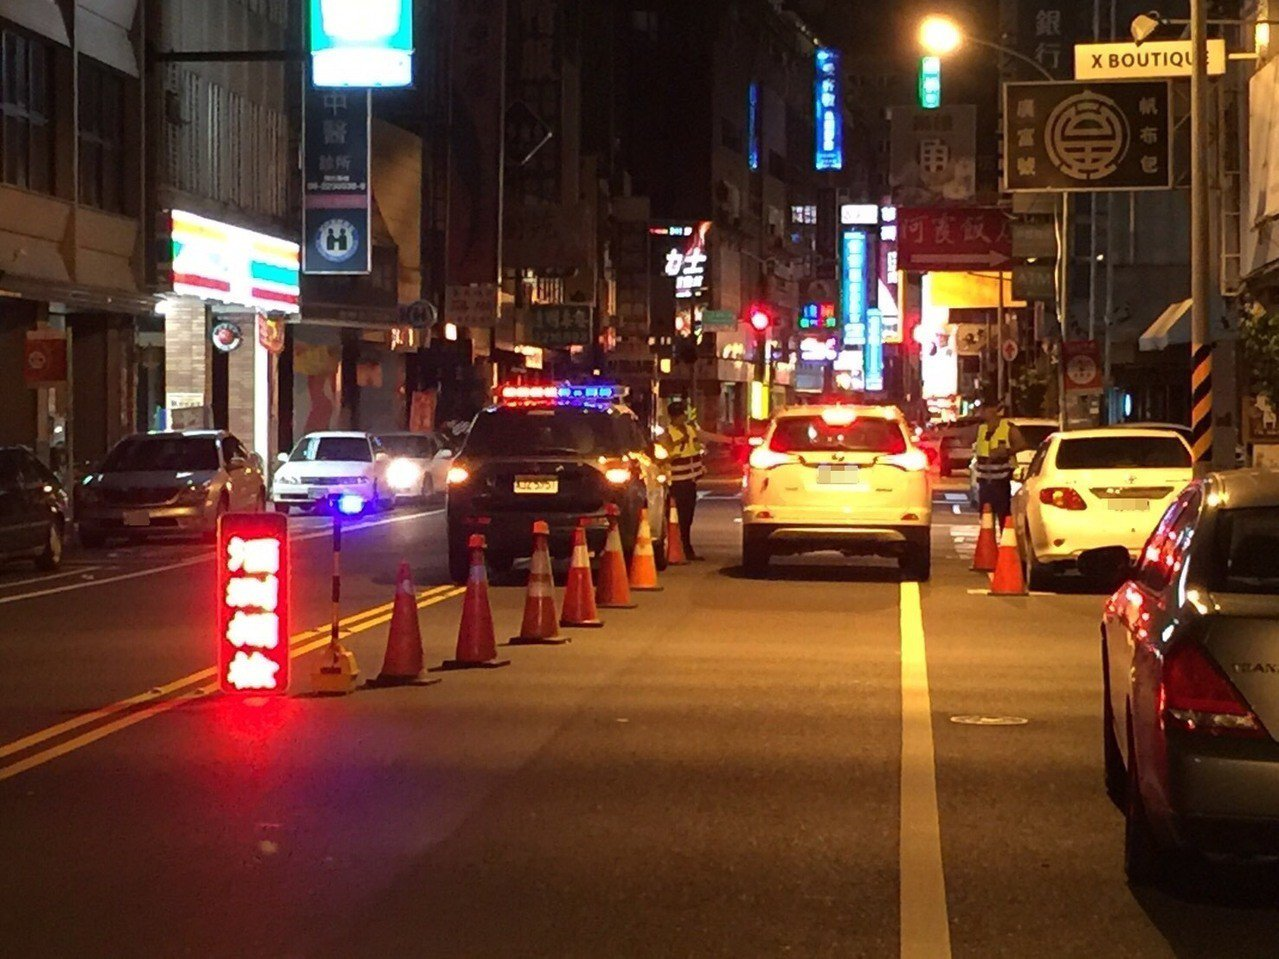 酒駕肇事頻傳,警方規劃夜間及針對易酒駕路段取締酒駕,遏止酒後駕車。圖/台南市警二...